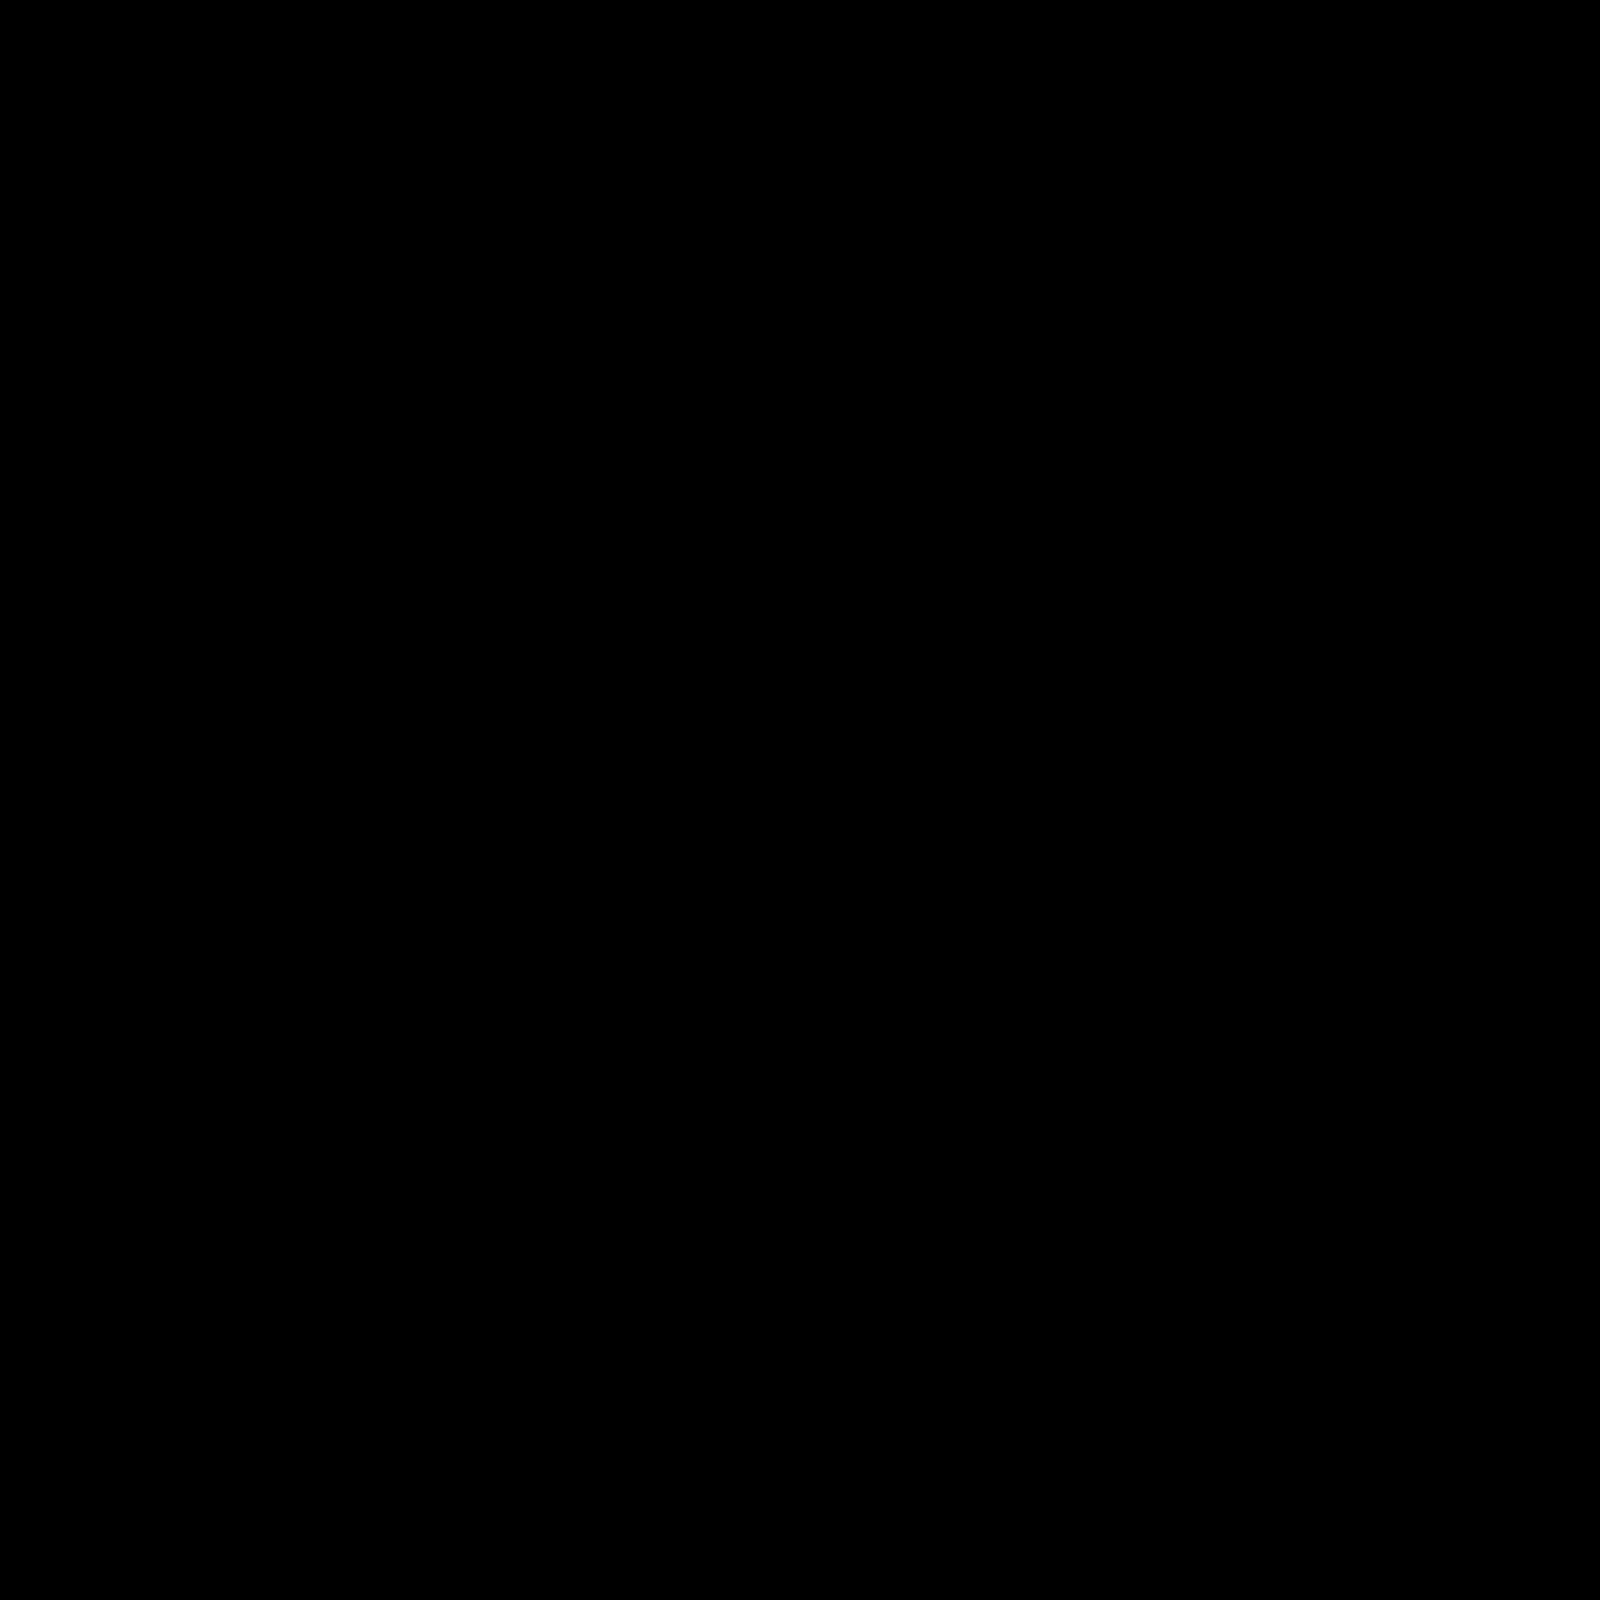 モデレータ男性 icon. The icon consists of the portrait outline of a male humanoid with diminished facial features. The portrait is wearing a three-pointed crown. The icon represents a male user who possesses moderator authentication, allowing them to moderate chat or groups.